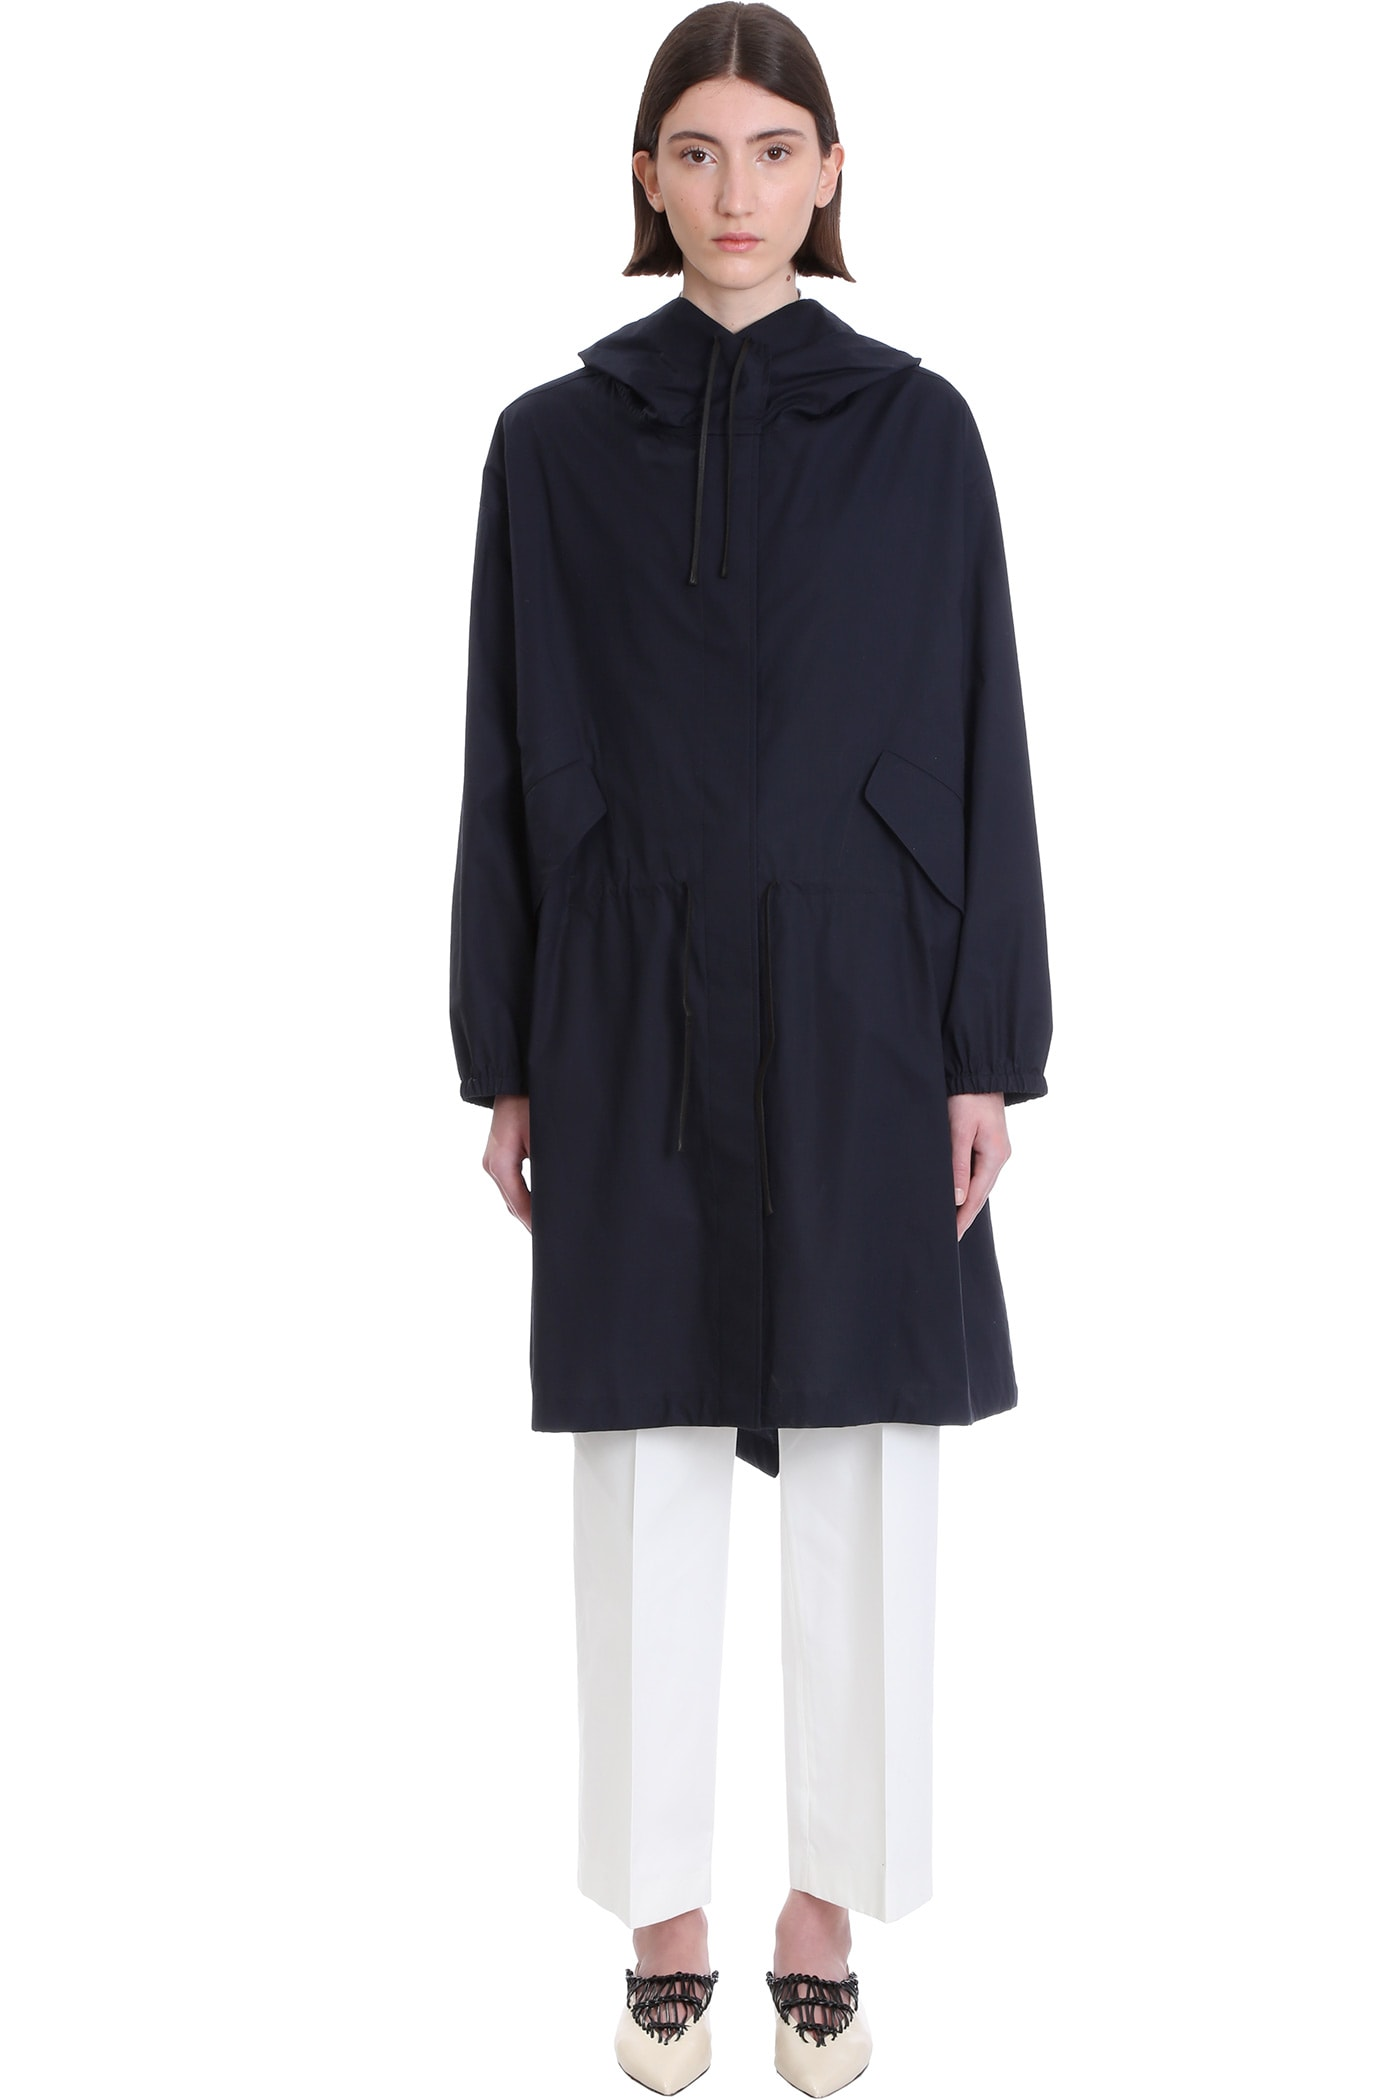 Jil Sander Coat In Blue Cotton